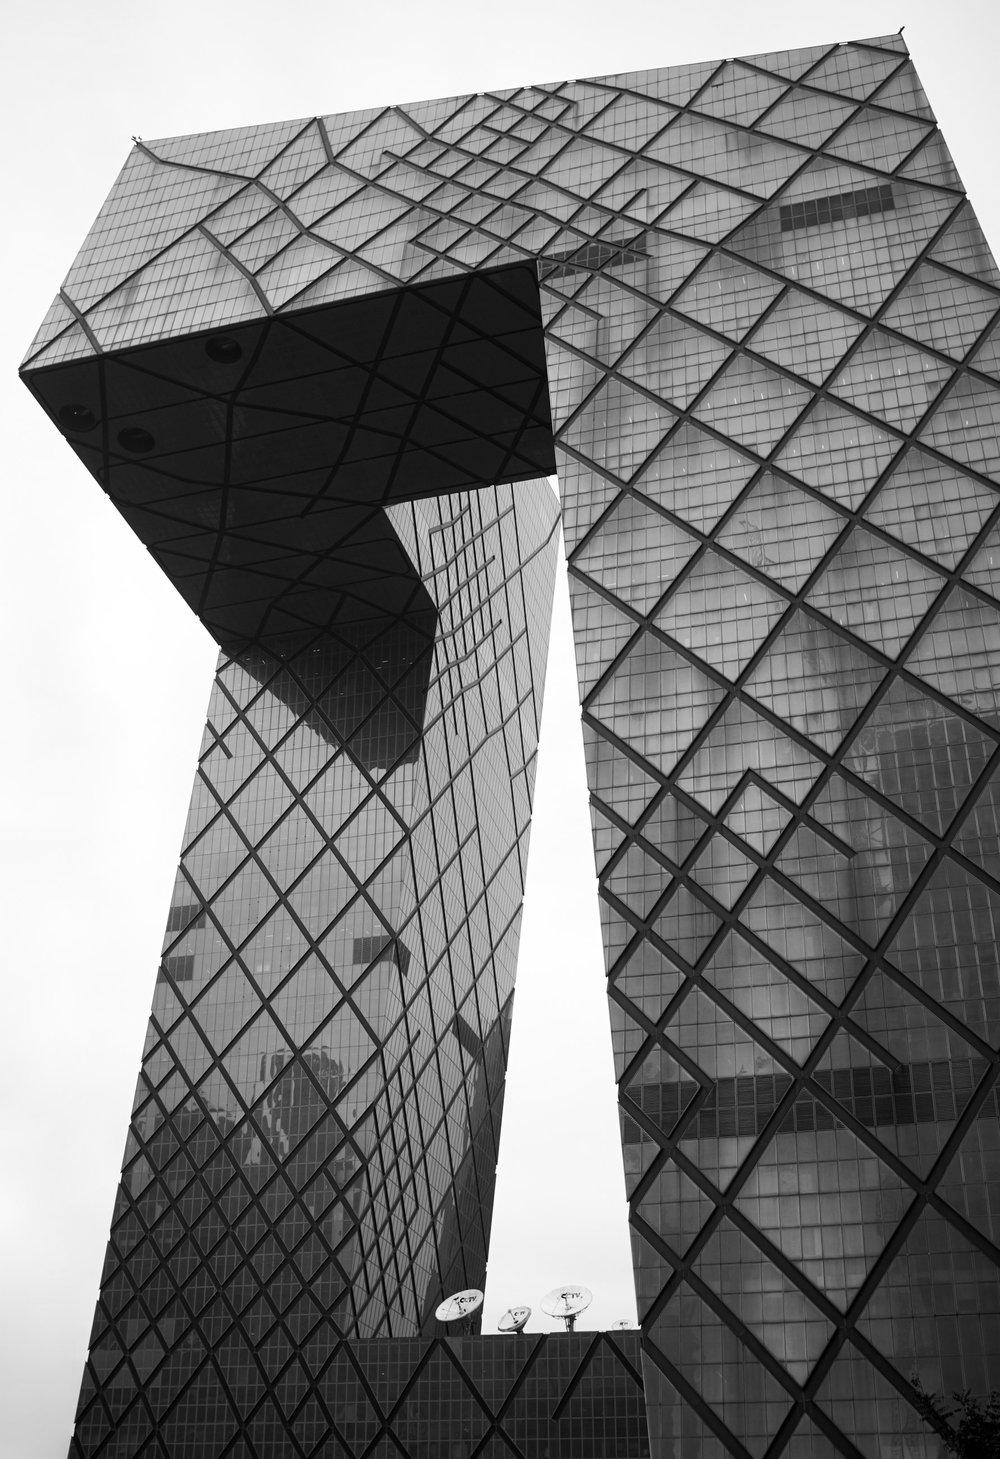 CCTV Headquarters, Beijing